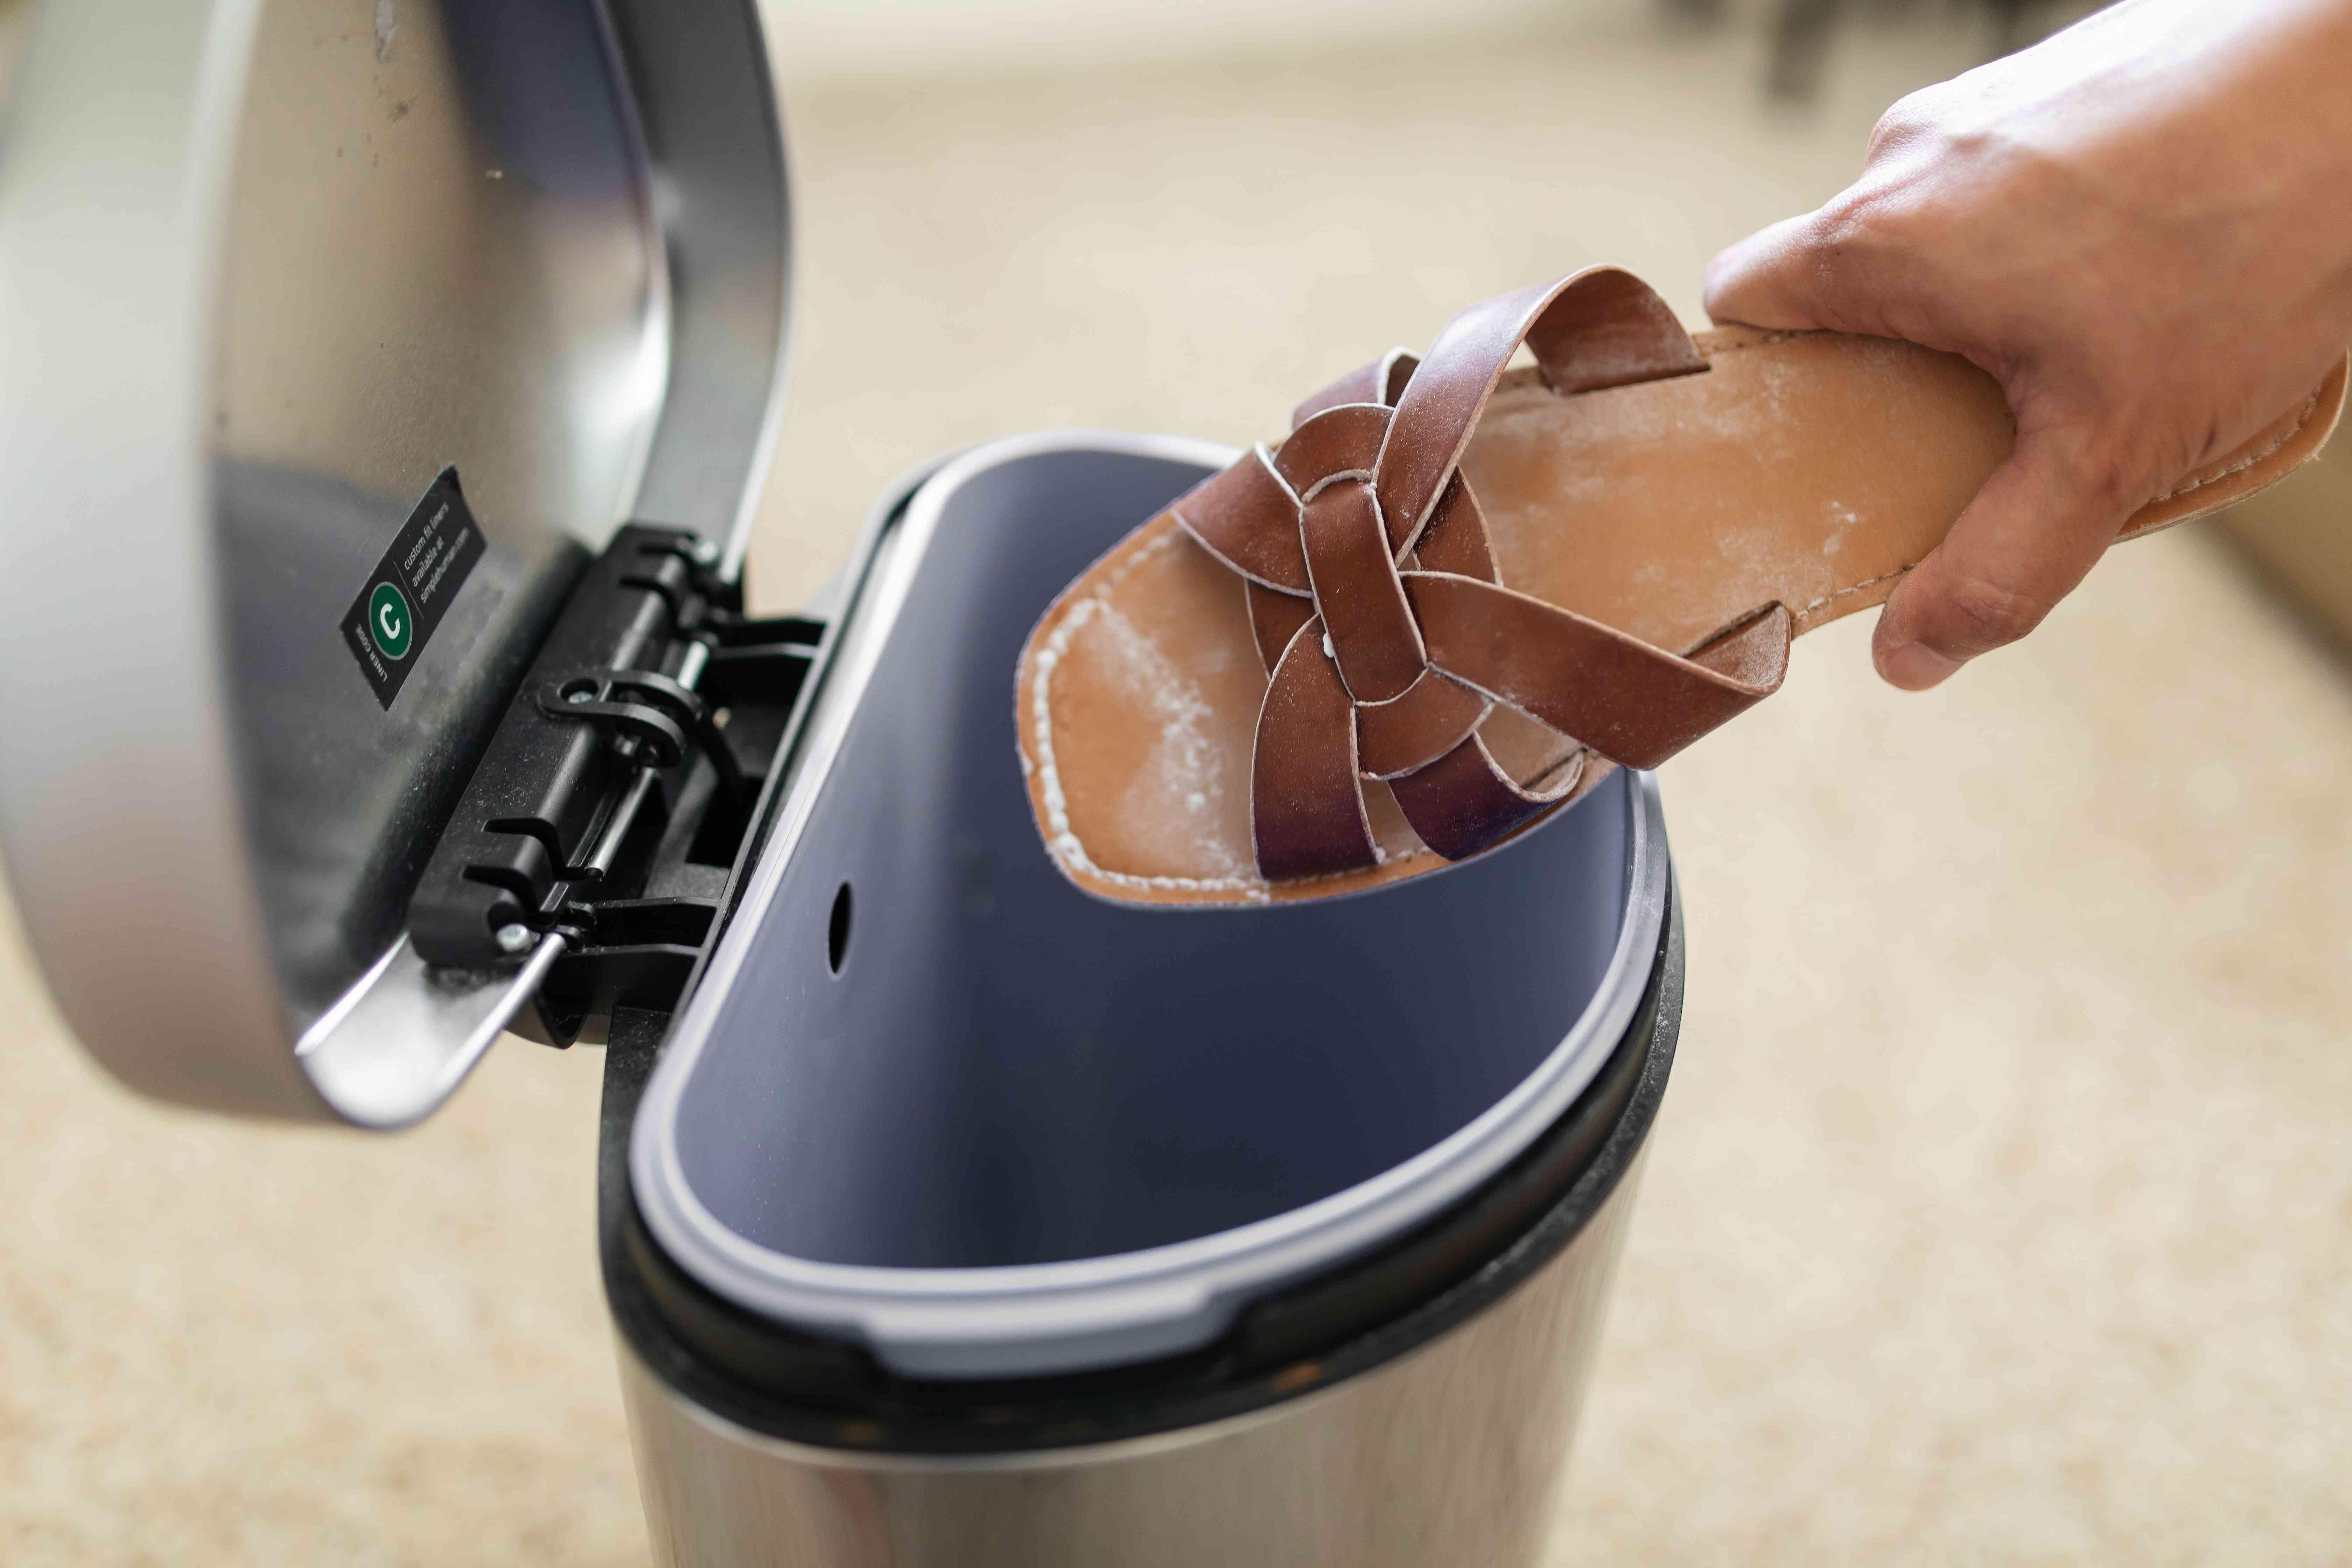 discarding excess baking soda